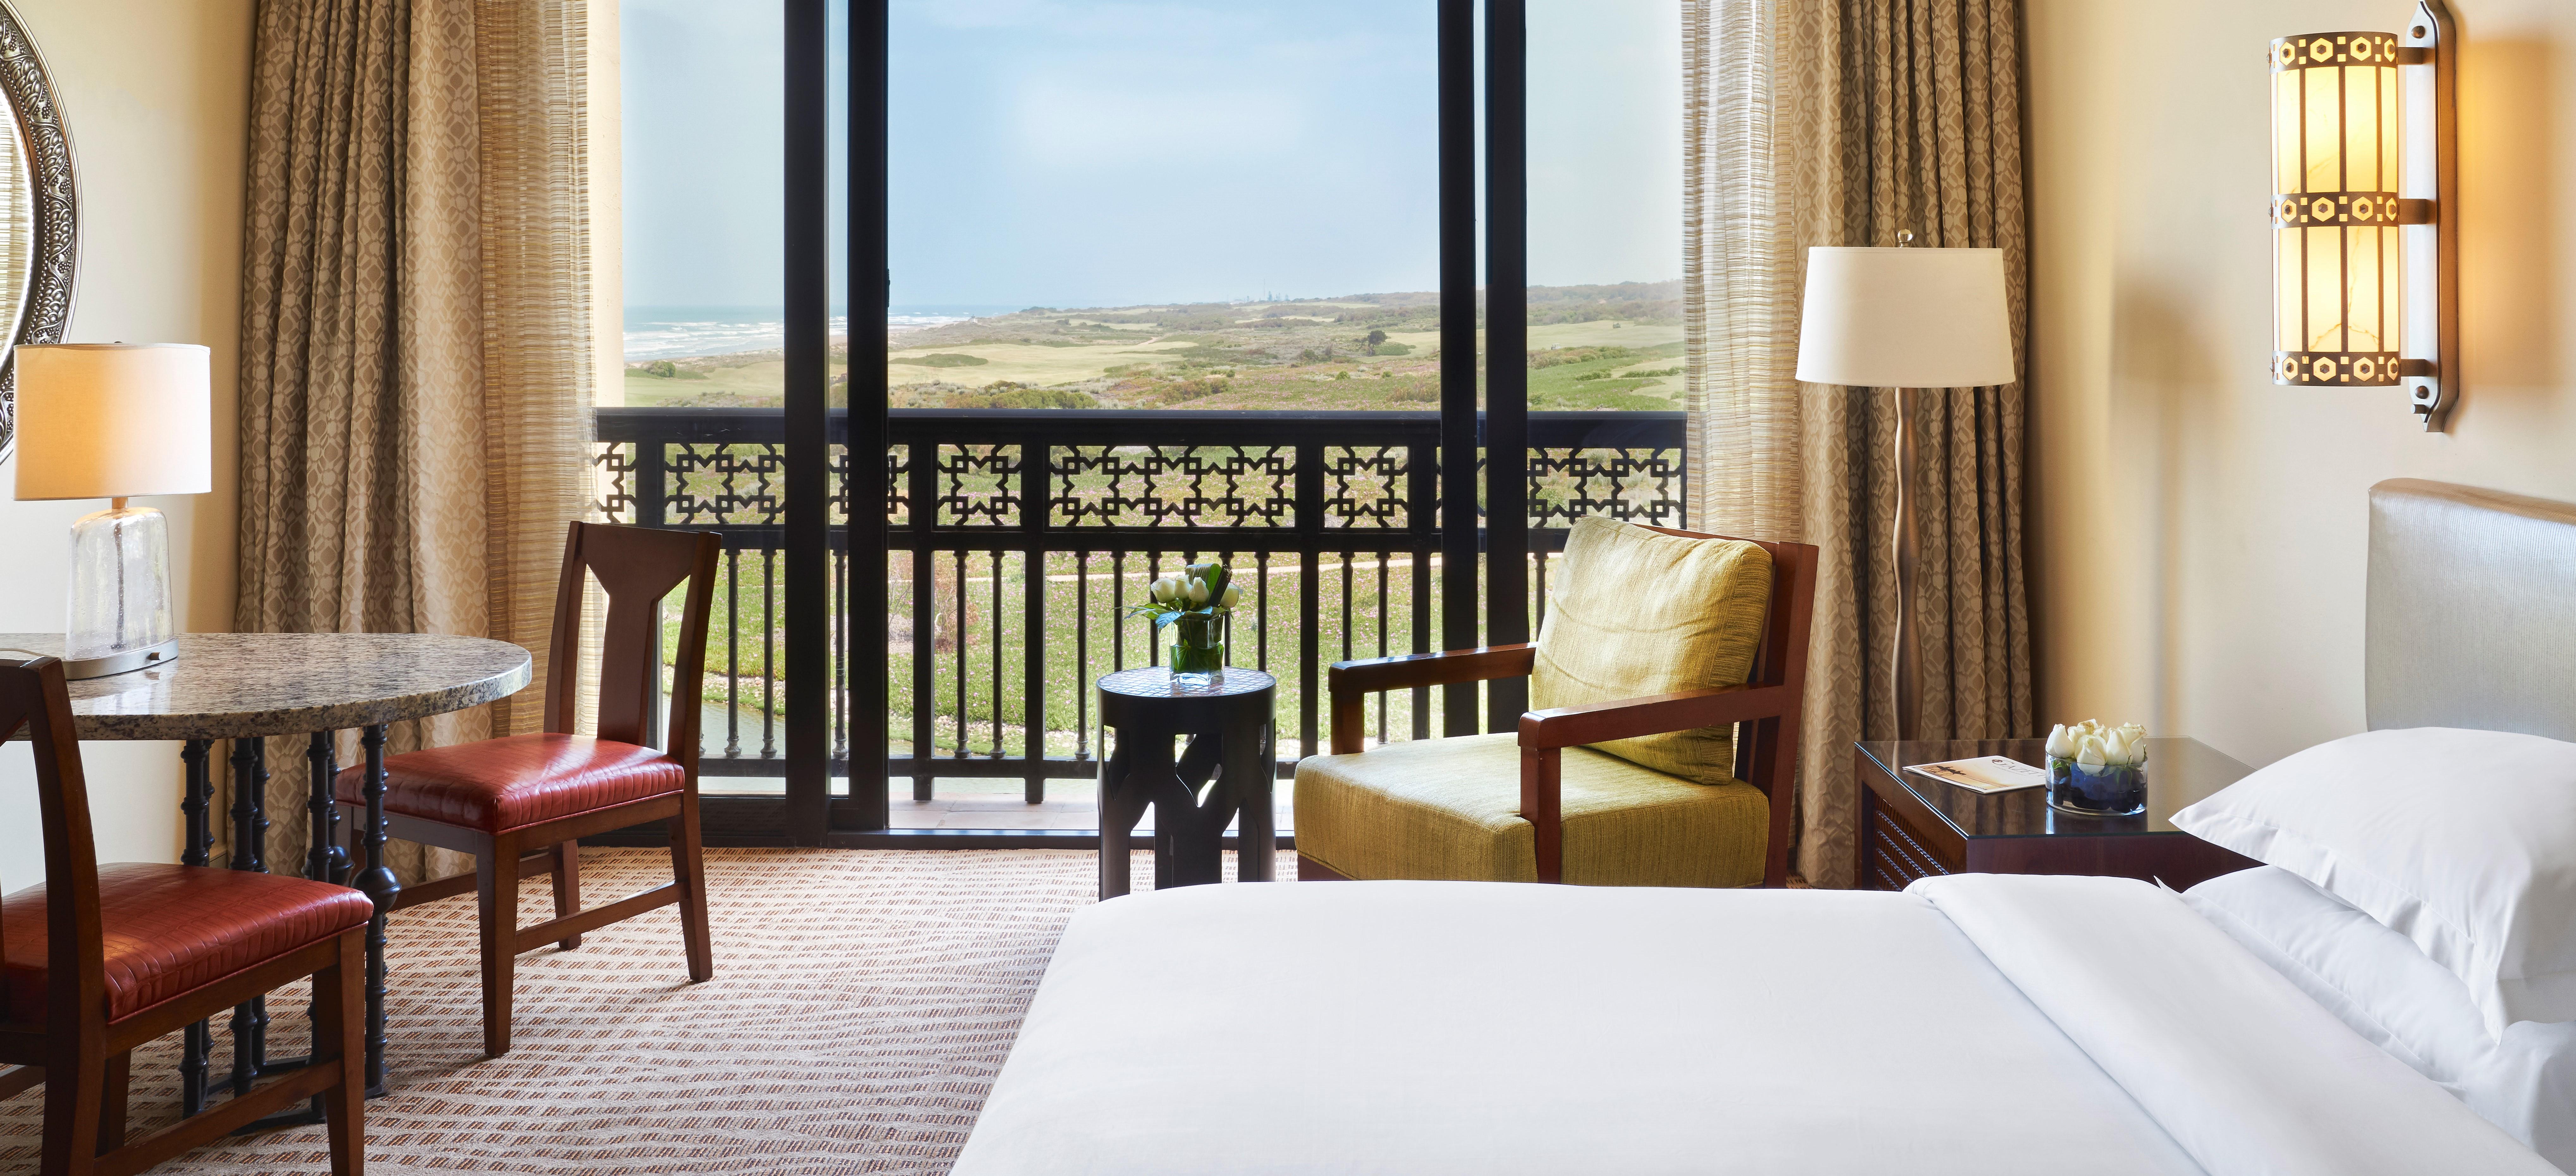 mazagan-luxury-sea-view-bedroom